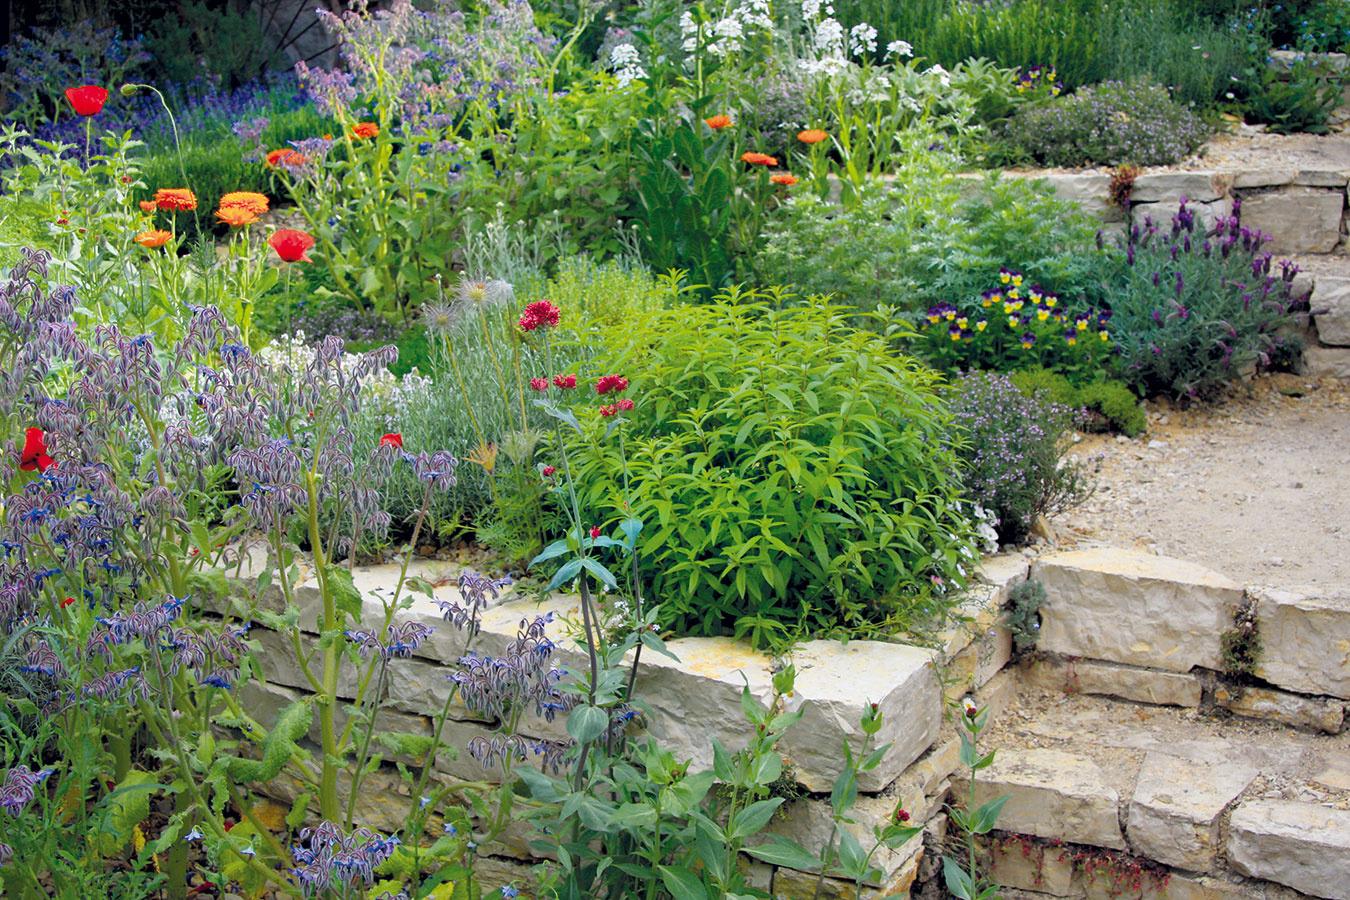 Teplé, suché a slnečné stráne obľubujú rôzne bylinky, aromatické rastliny či druhy pochádzajúce zo Stredomoria. Prednosti takéhoto miesta v záhrade možno využiť napríklad na vytvorenie bylinkových múrikov. Dariť sa tu bude levanduli, saturejke, tymianu, pamajoránu, šalvii, nechtíku či boráku. Bylinky je vhodné vysádzať v apríli a máji s koreňovým balom, pričom ideálne je vytvárať menšie či väčšie skupinky z jedného druhu. Po výsadbe postačí rastliny zopár ráz zaliať, aby sa dobre zakorenili a následne už nebudú vyžadovať špeciálnu starostlivosť. Príliš dlhé múriky môžete doplniť schodíkmi a plošinkami, z ktorých bude možné porasty v prípade potreby ošetriť, prípadne tu môžete oddychovať a vnímať okolité vône.